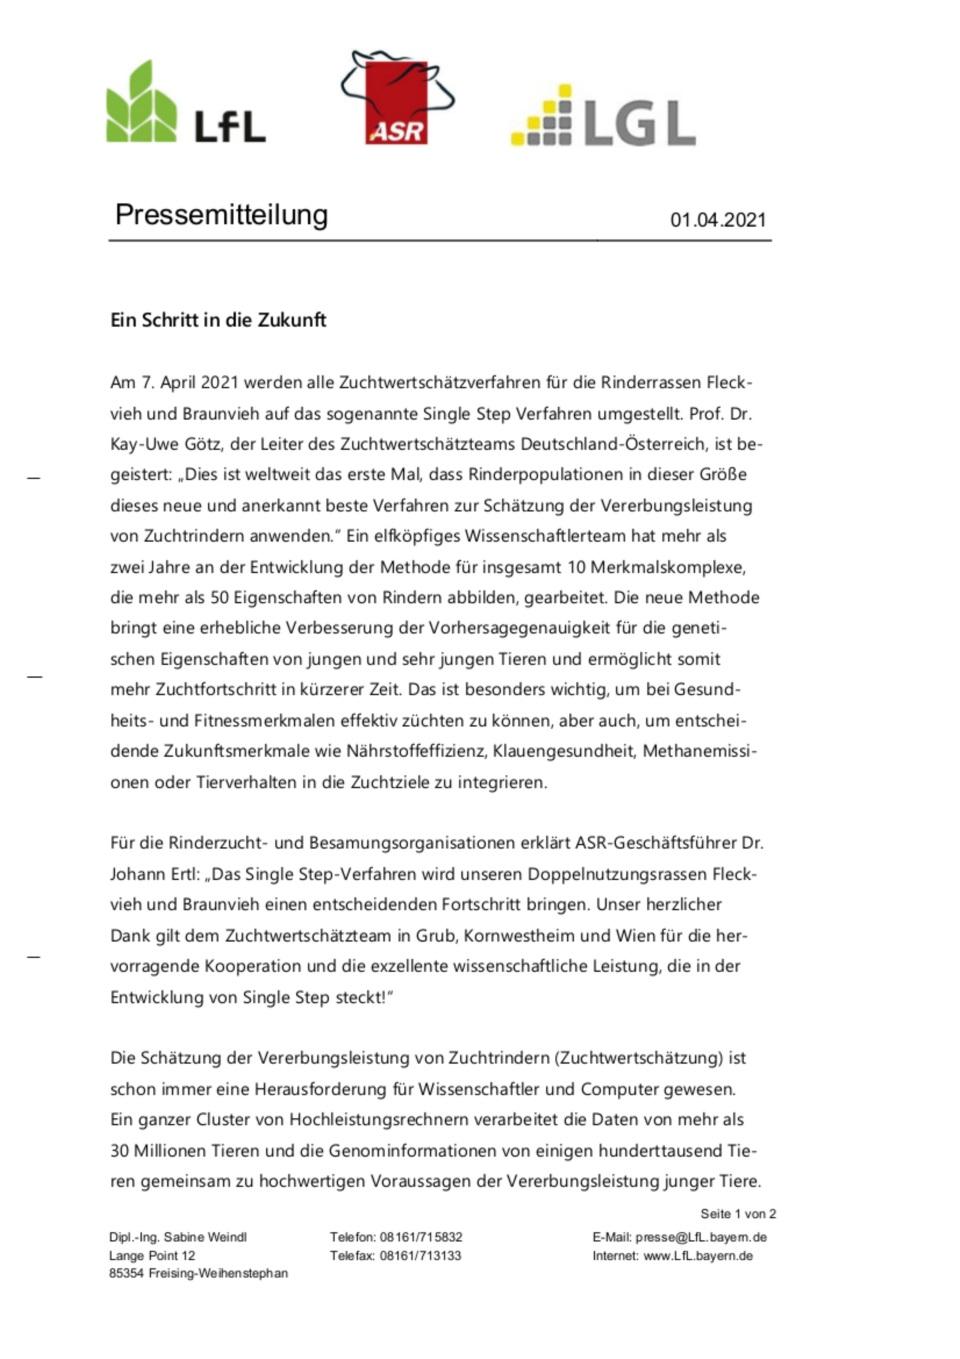 In Germania cambia il metodo di calcolo delle valutazioni genetiche